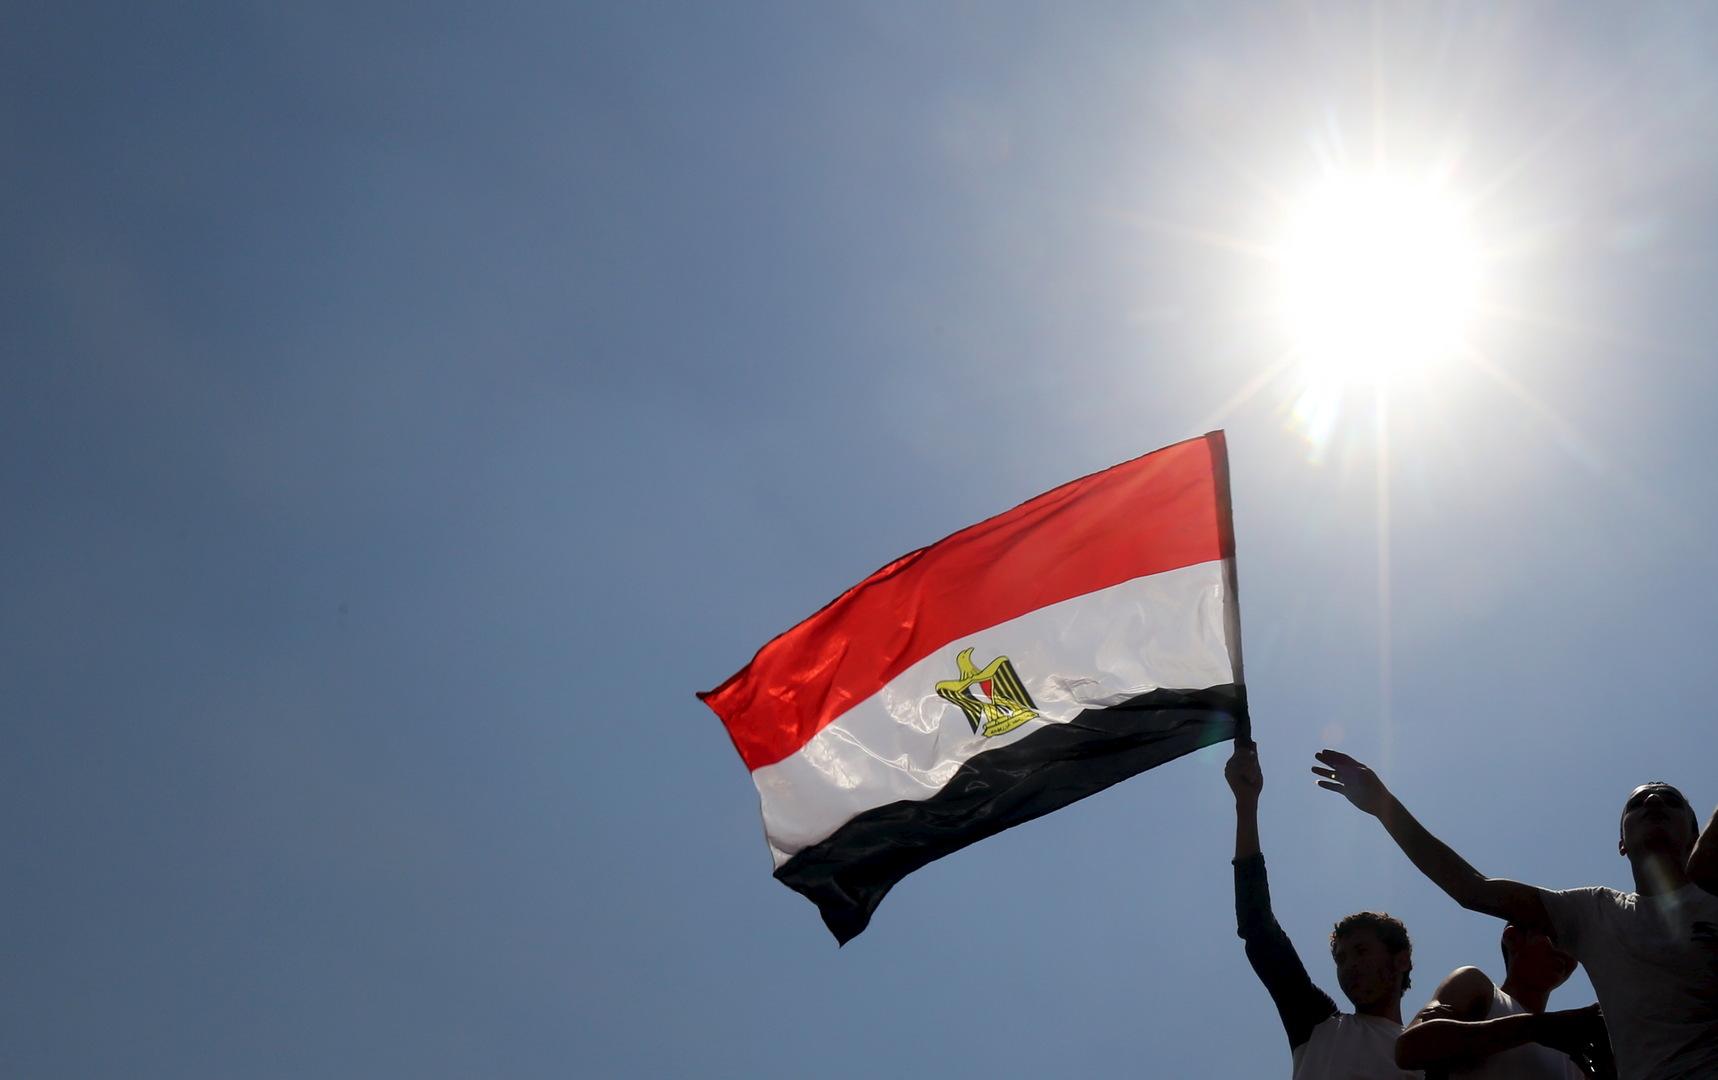 وفاة أحد أشهر الجراحين المصريين بفيروس كورونا (صور)